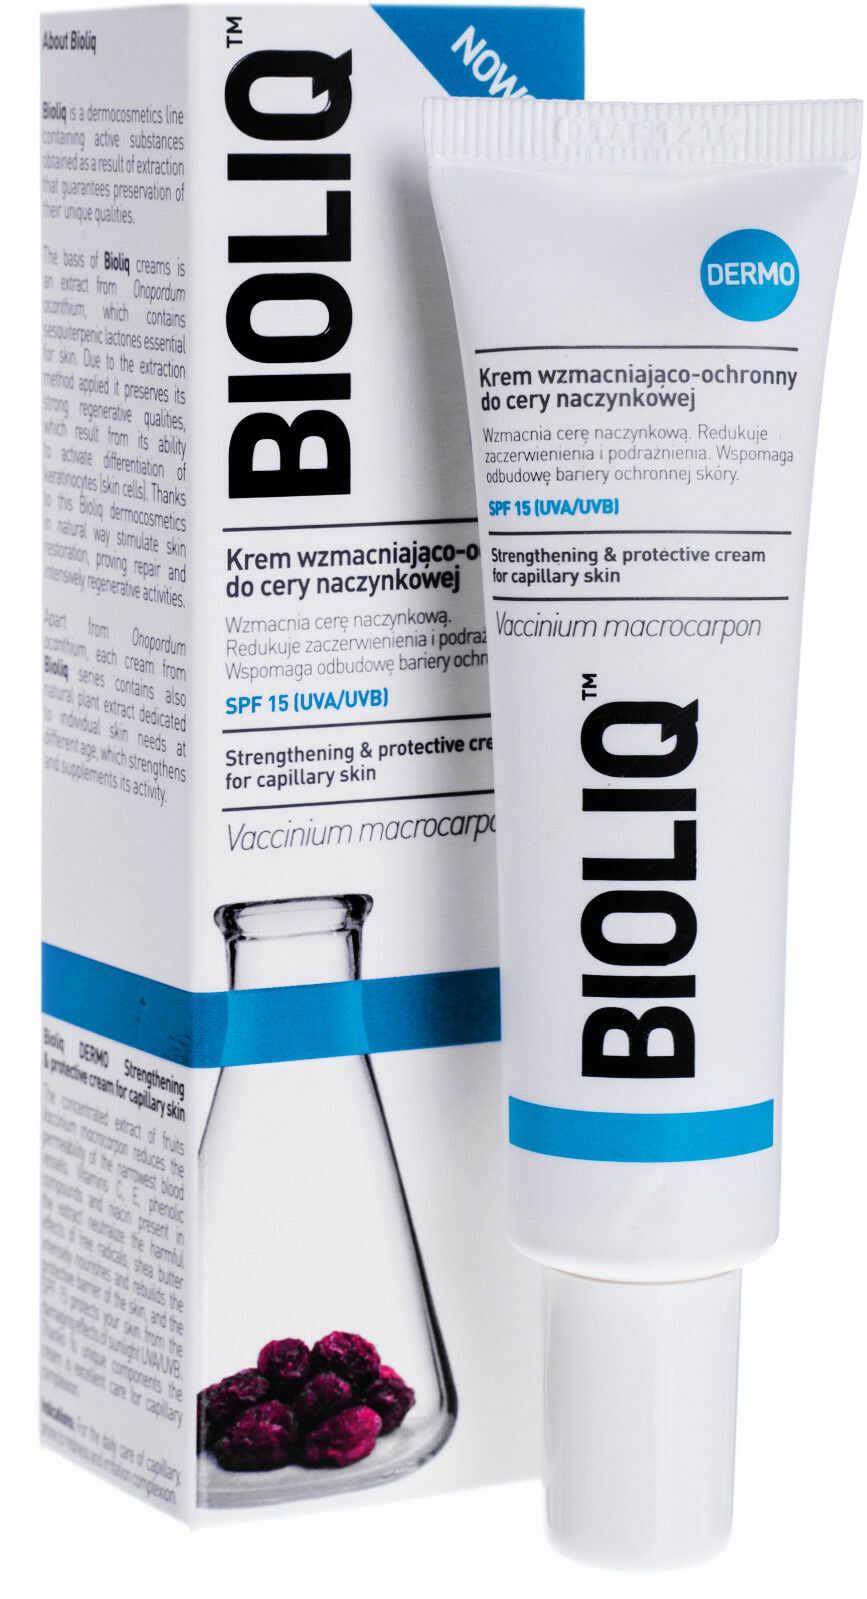 Bioliq Dermo Krem wzmacniająco-ochronny do cery naczynkowej 30 ml